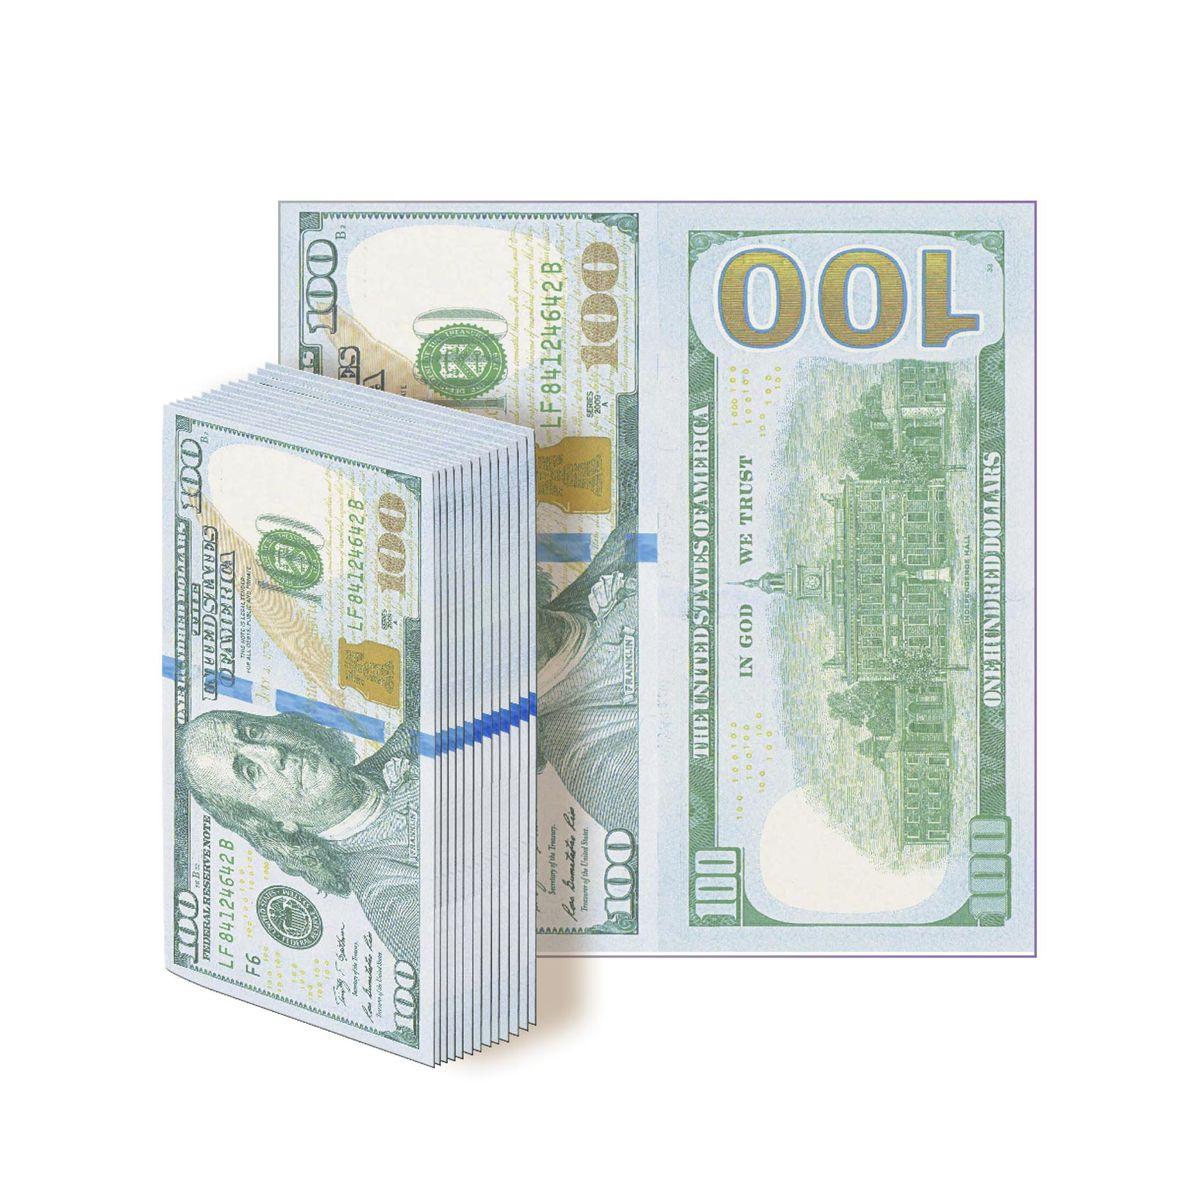 Салфетки бумажные Gratias 100 долларов, трехслойные, 33 х 33 см, 12 штRC-100BPCБумажные салфетки в виде 100 долларовых купюр. Отличный выбор для оформления веселой вечеринки, подчеркнет ваше прекрасное чувство юмора и добавит дополнительного антуража на ваш праздник.Размер салфеток:- в сложенном виде: 16х8 см;- в развернутом виде: 33х33 см.